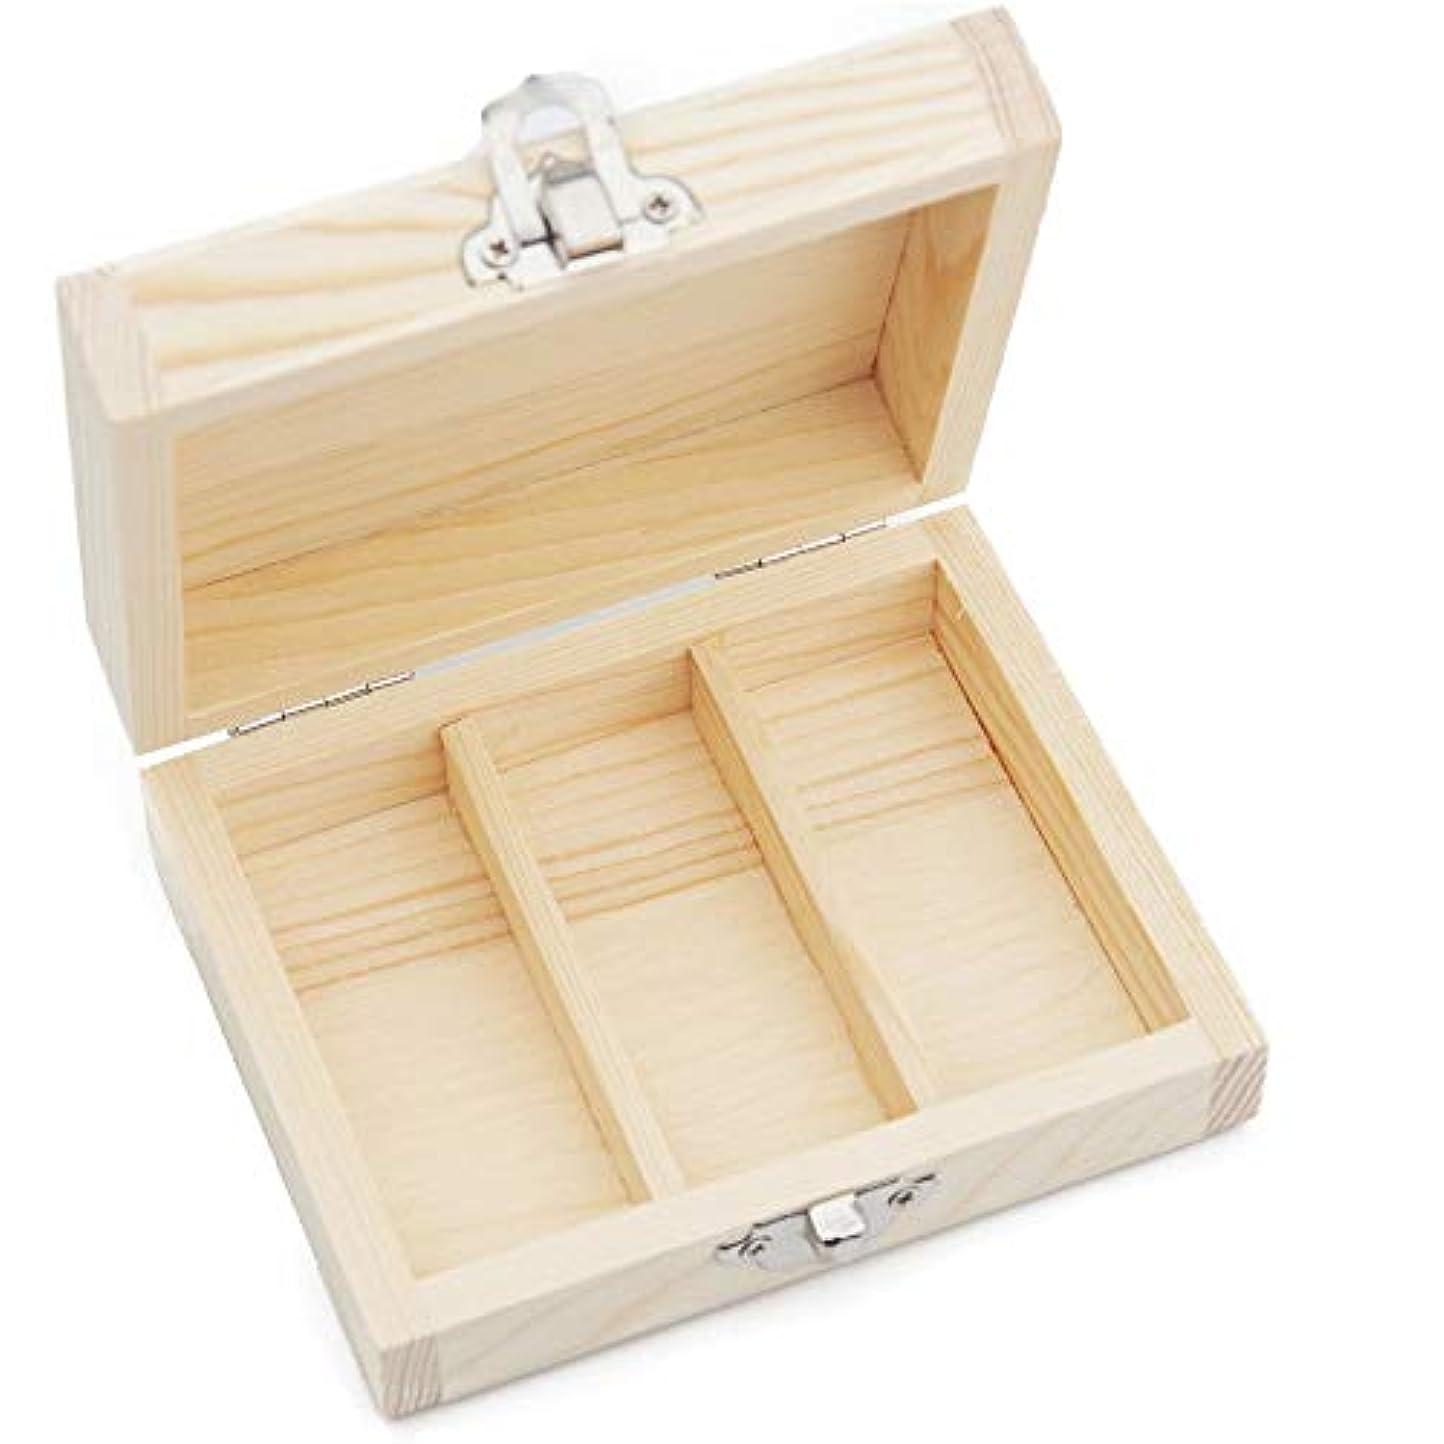 証書ミキサーポルノアロマセラピー収納ボックス オイル主催ケースの3スロットウッドオイルボックス3つの15ミリリットル瓶 エッセンシャルオイル収納ボックス (色 : Natural, サイズ : 11X8.5X4.5CM)